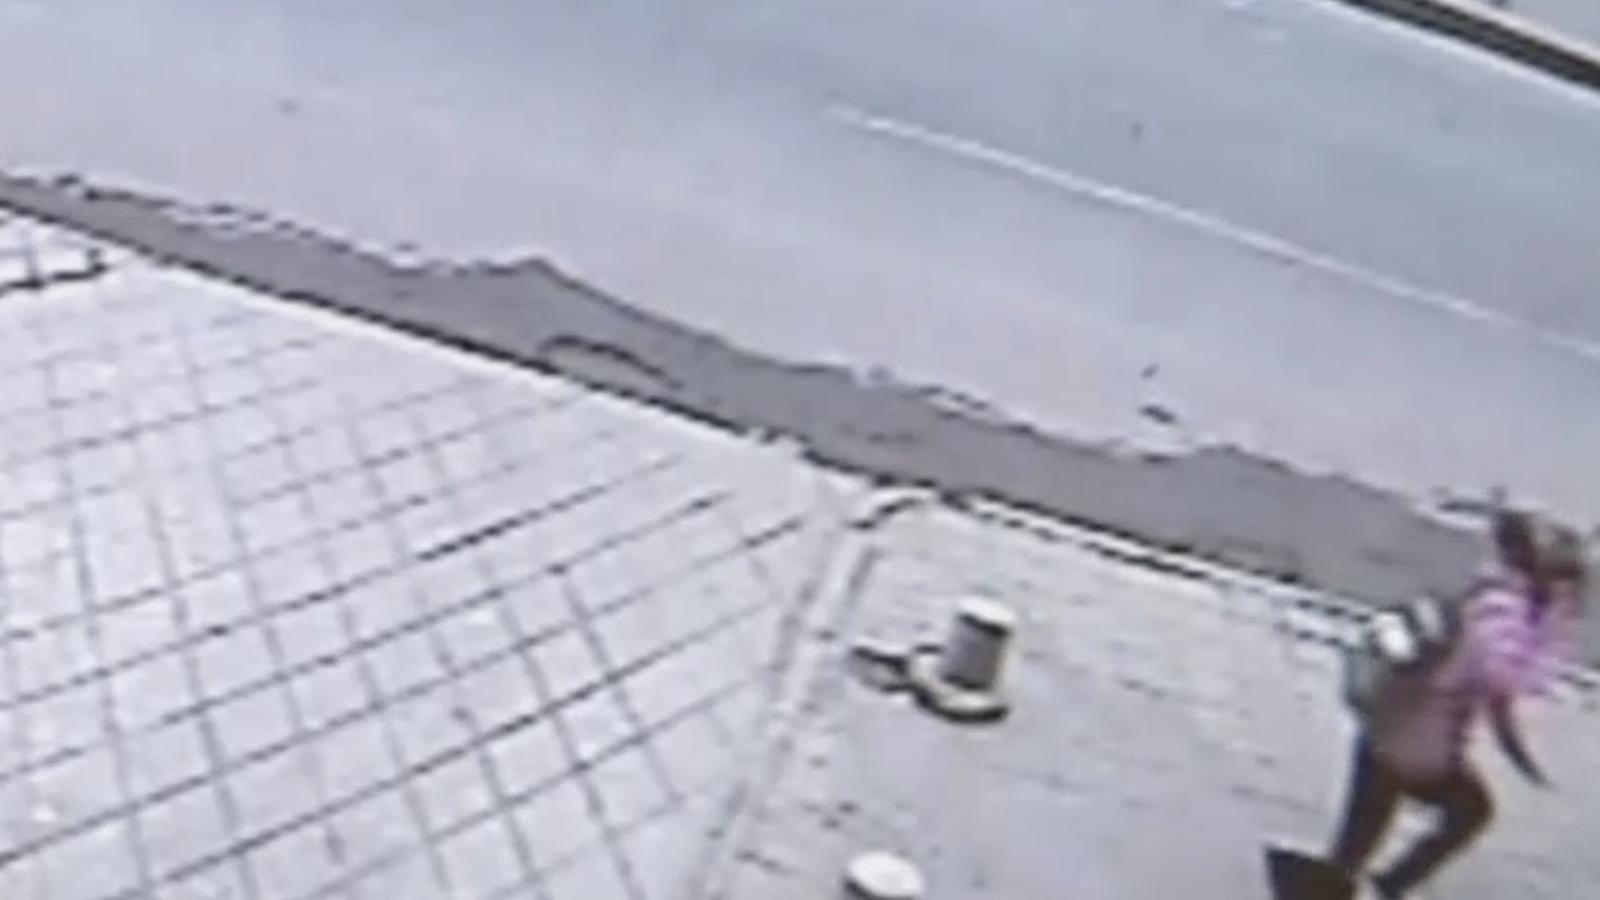 Una càmera de seguretat capta com una jove xinesa és engolida pel paviment d'un carrer